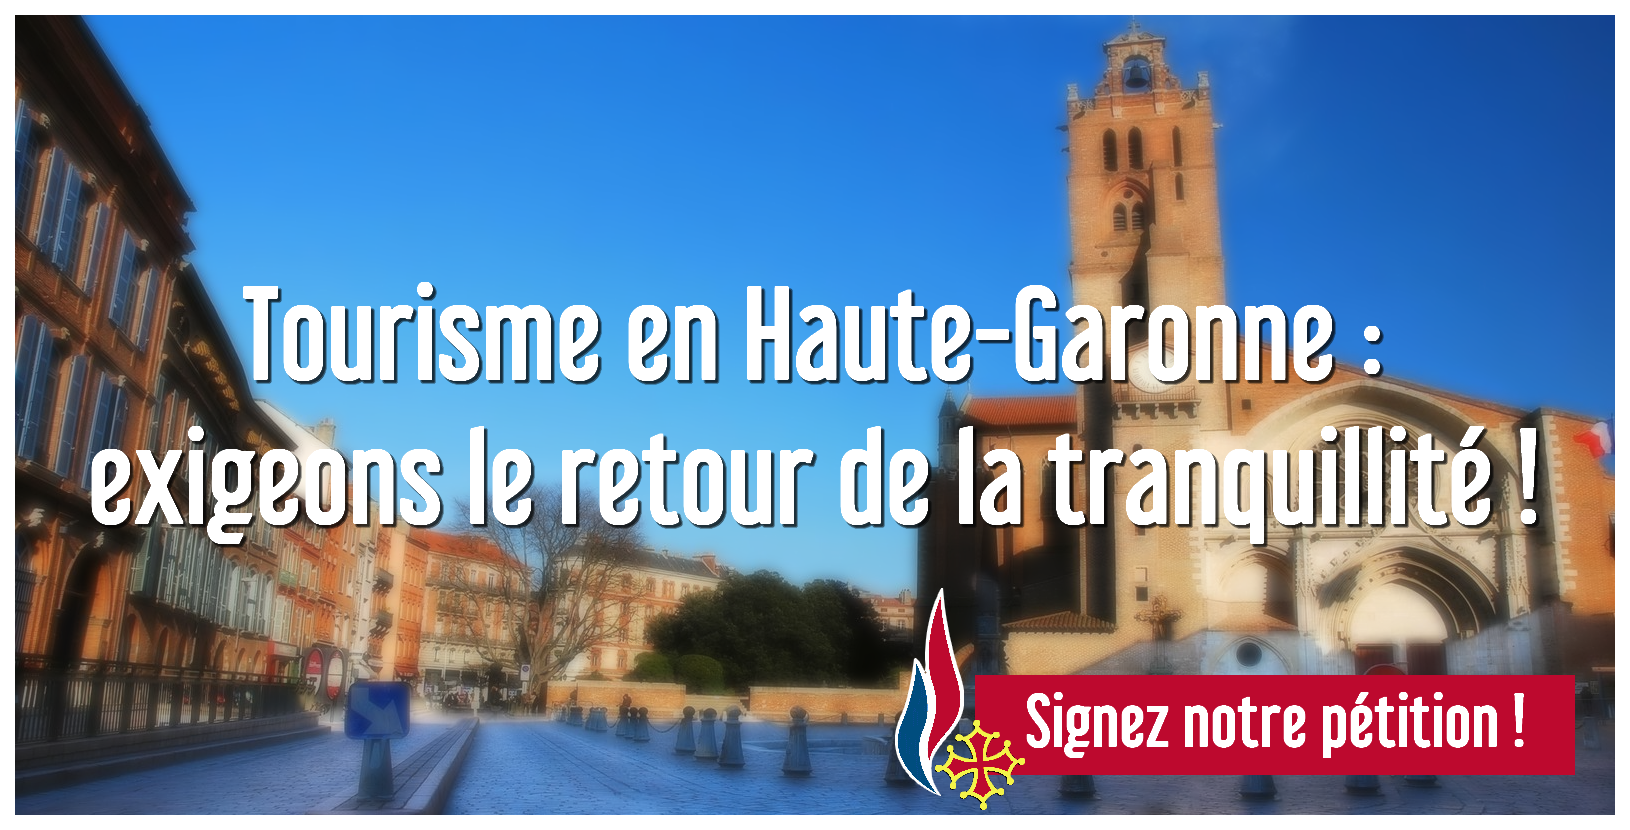 tourisme_haute_garonne_pétition_leonardelli_front_national